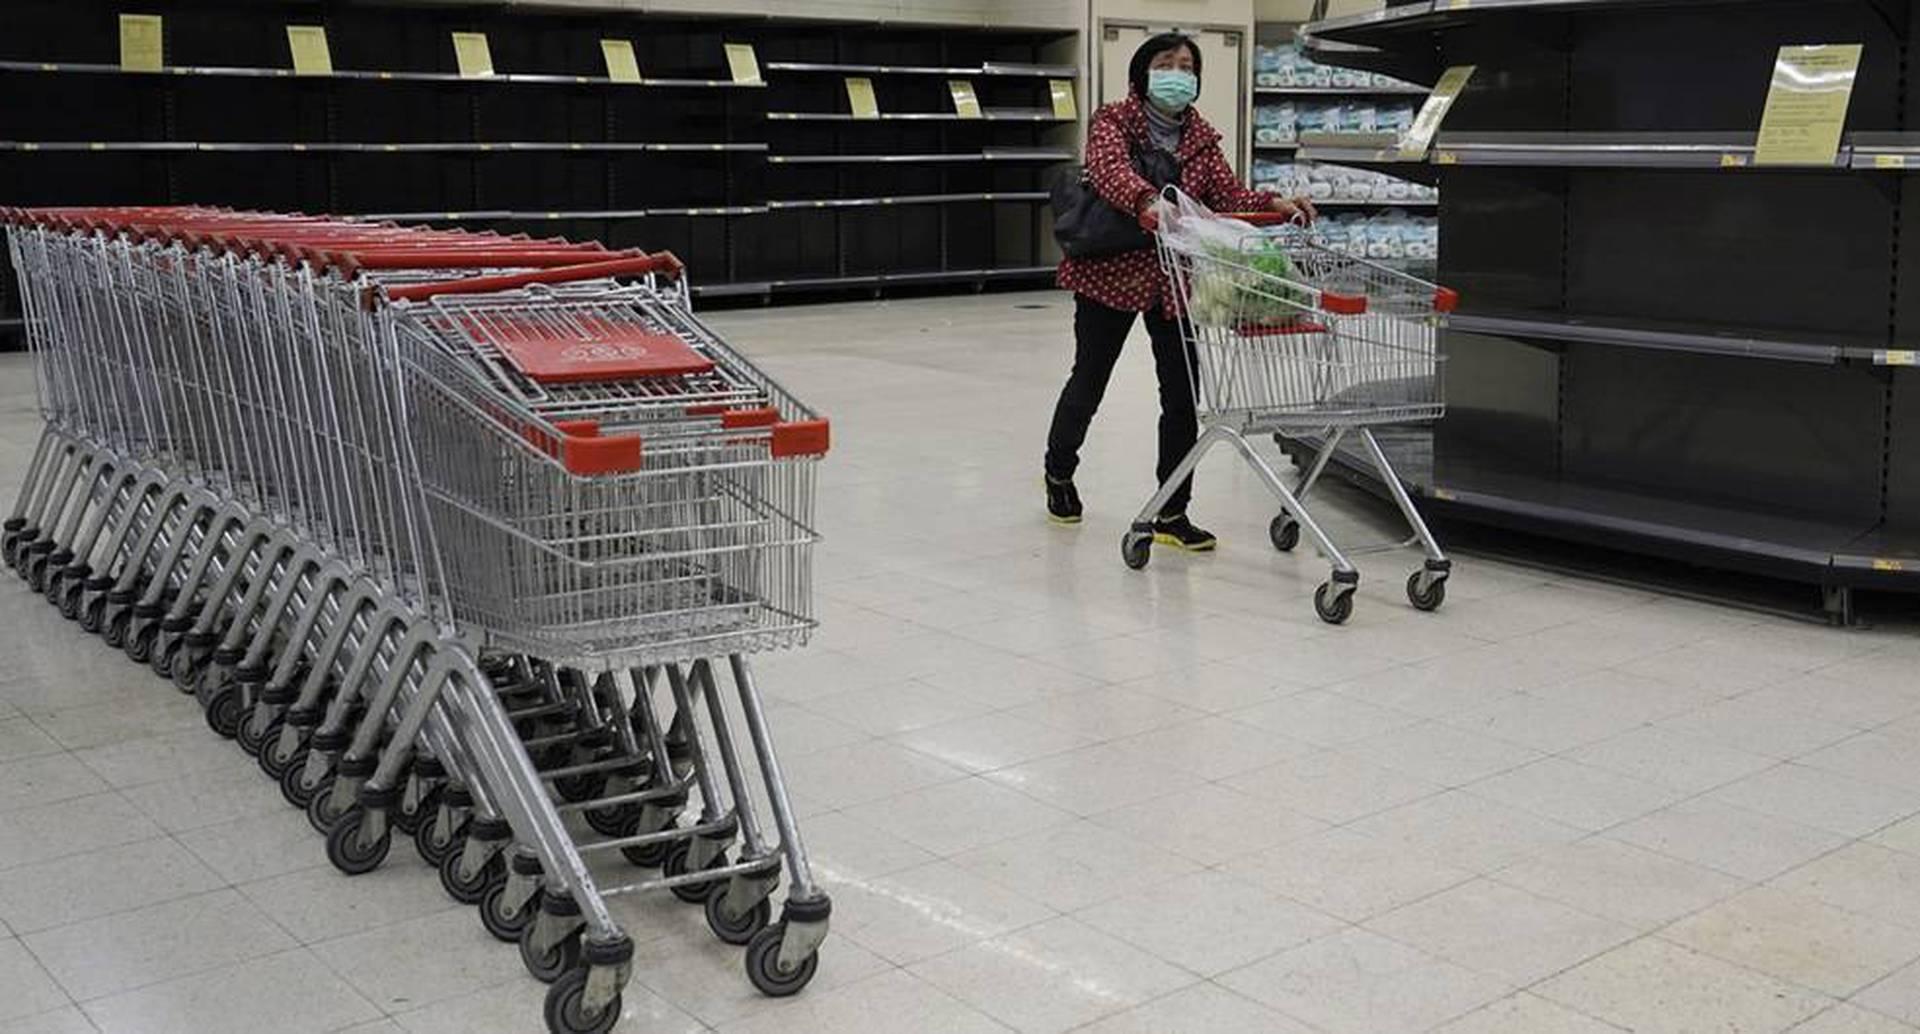 En los últimos días, los habitantes de Hong Kong han comprando grandes cantidades de productos porque temen que las restricciones fronterizas, aplicadas para controlar el brote del virus, puedan afectar los flujos de suministro. En la foto, una mujer hace compras en un supermercado, el 7 de febrero de 2020. Foto: Kin Cheung/ AP.